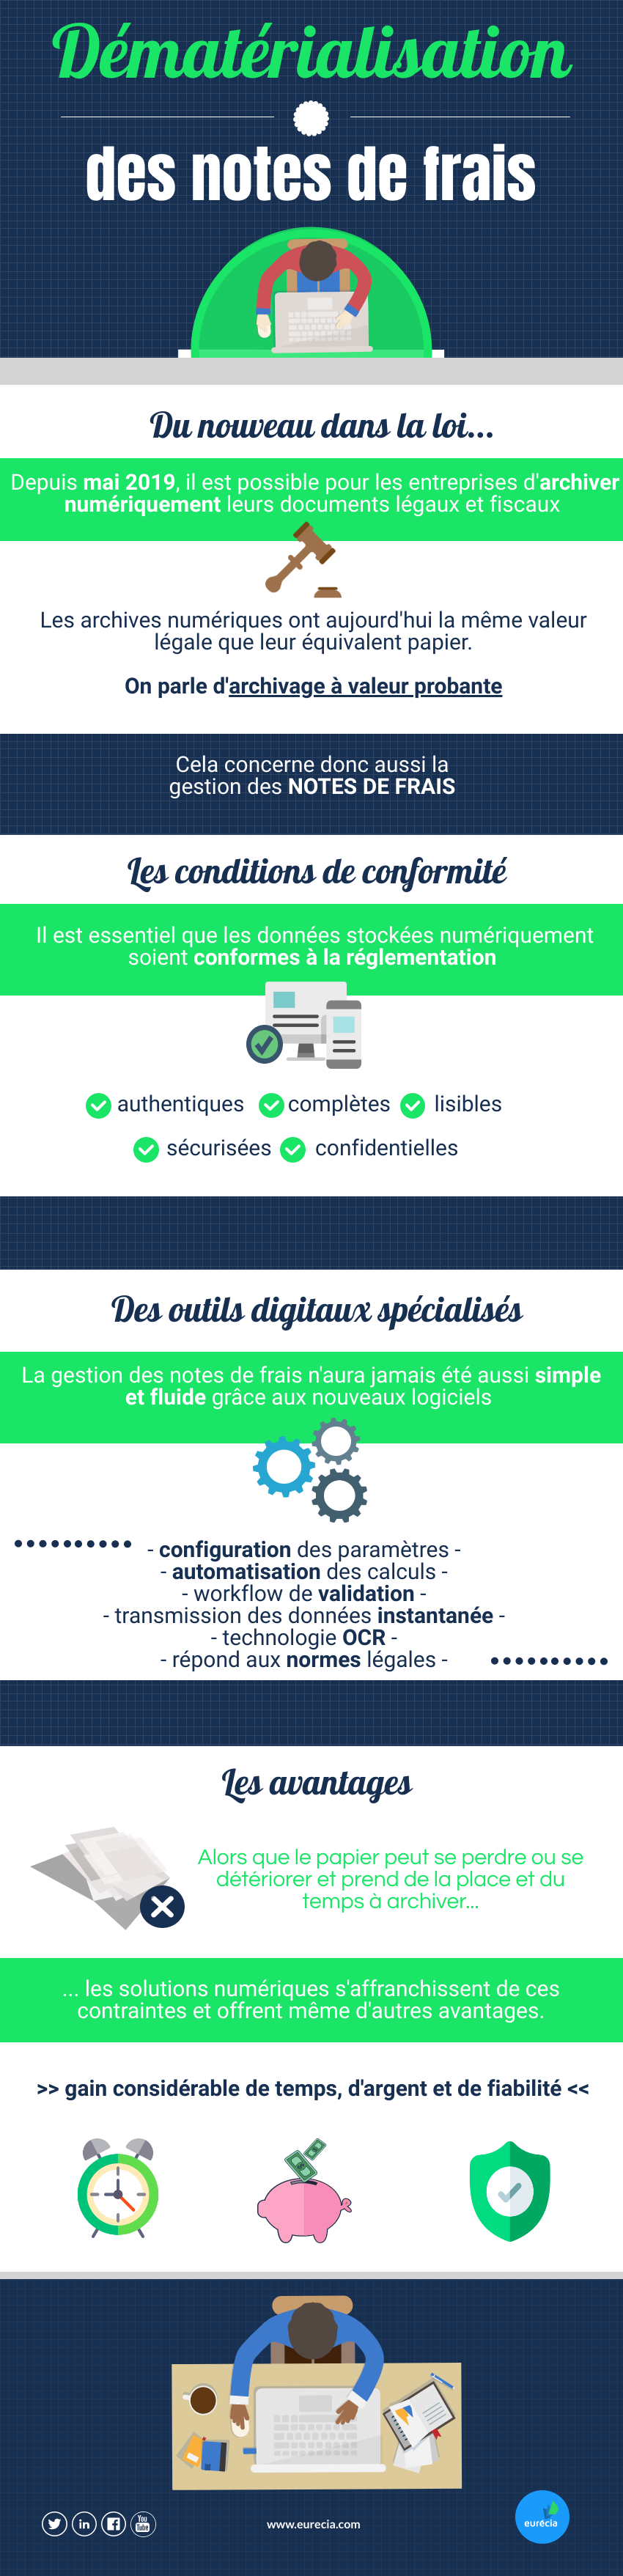 infographie-dematerialisation-notes-de-frais-eurecia-2020.png